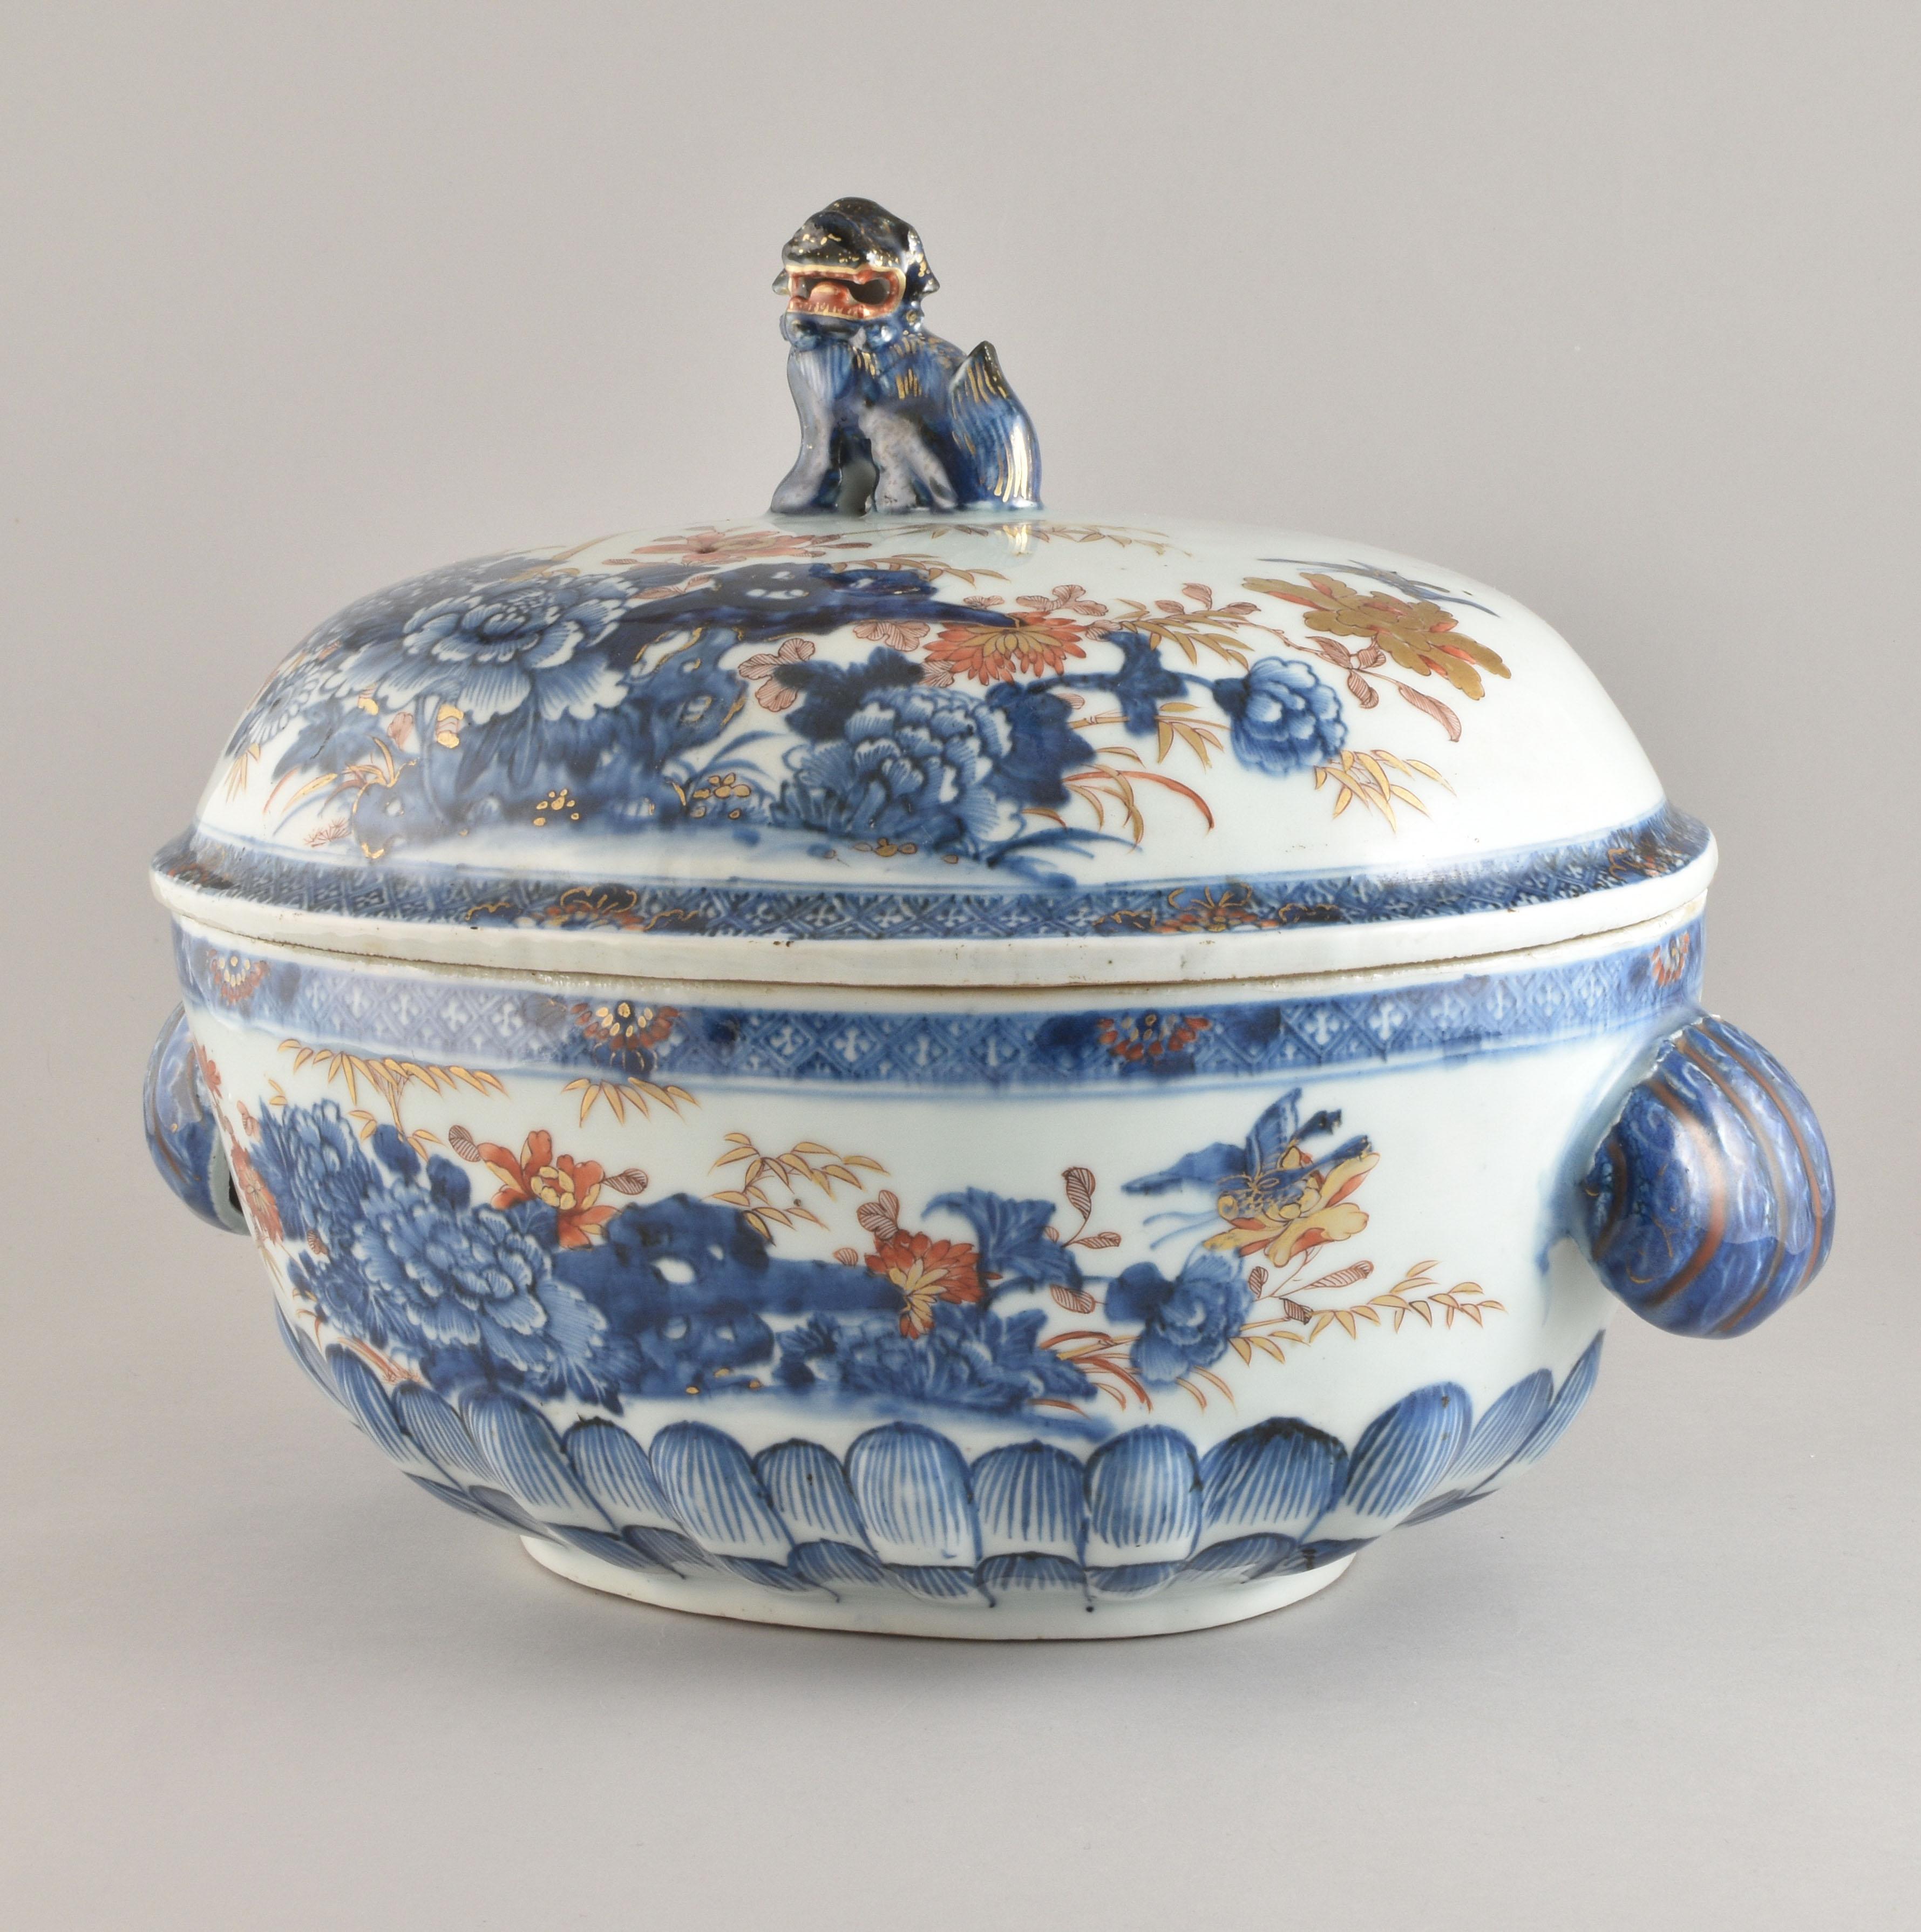 Porcelaine Première moitié du XVIIIe siècle, China